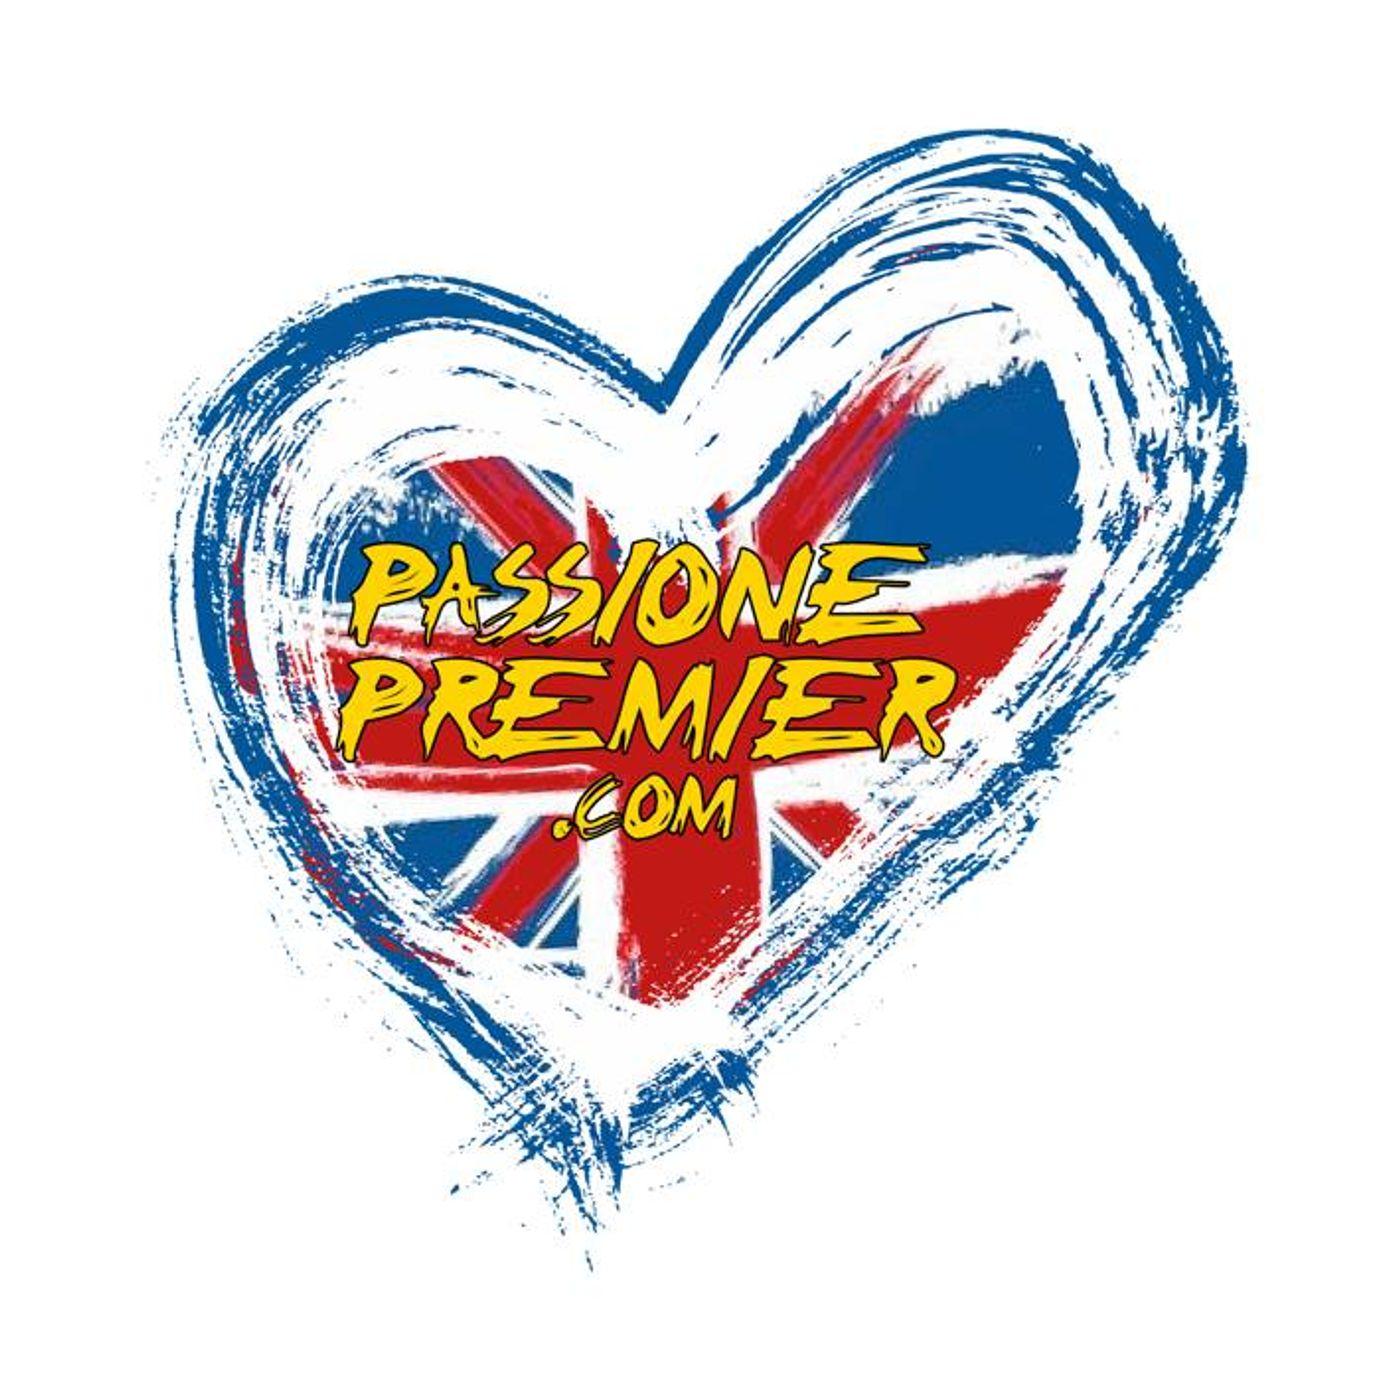 PassionePremier Talk #18: FA Cup time - Passione Premier Talk